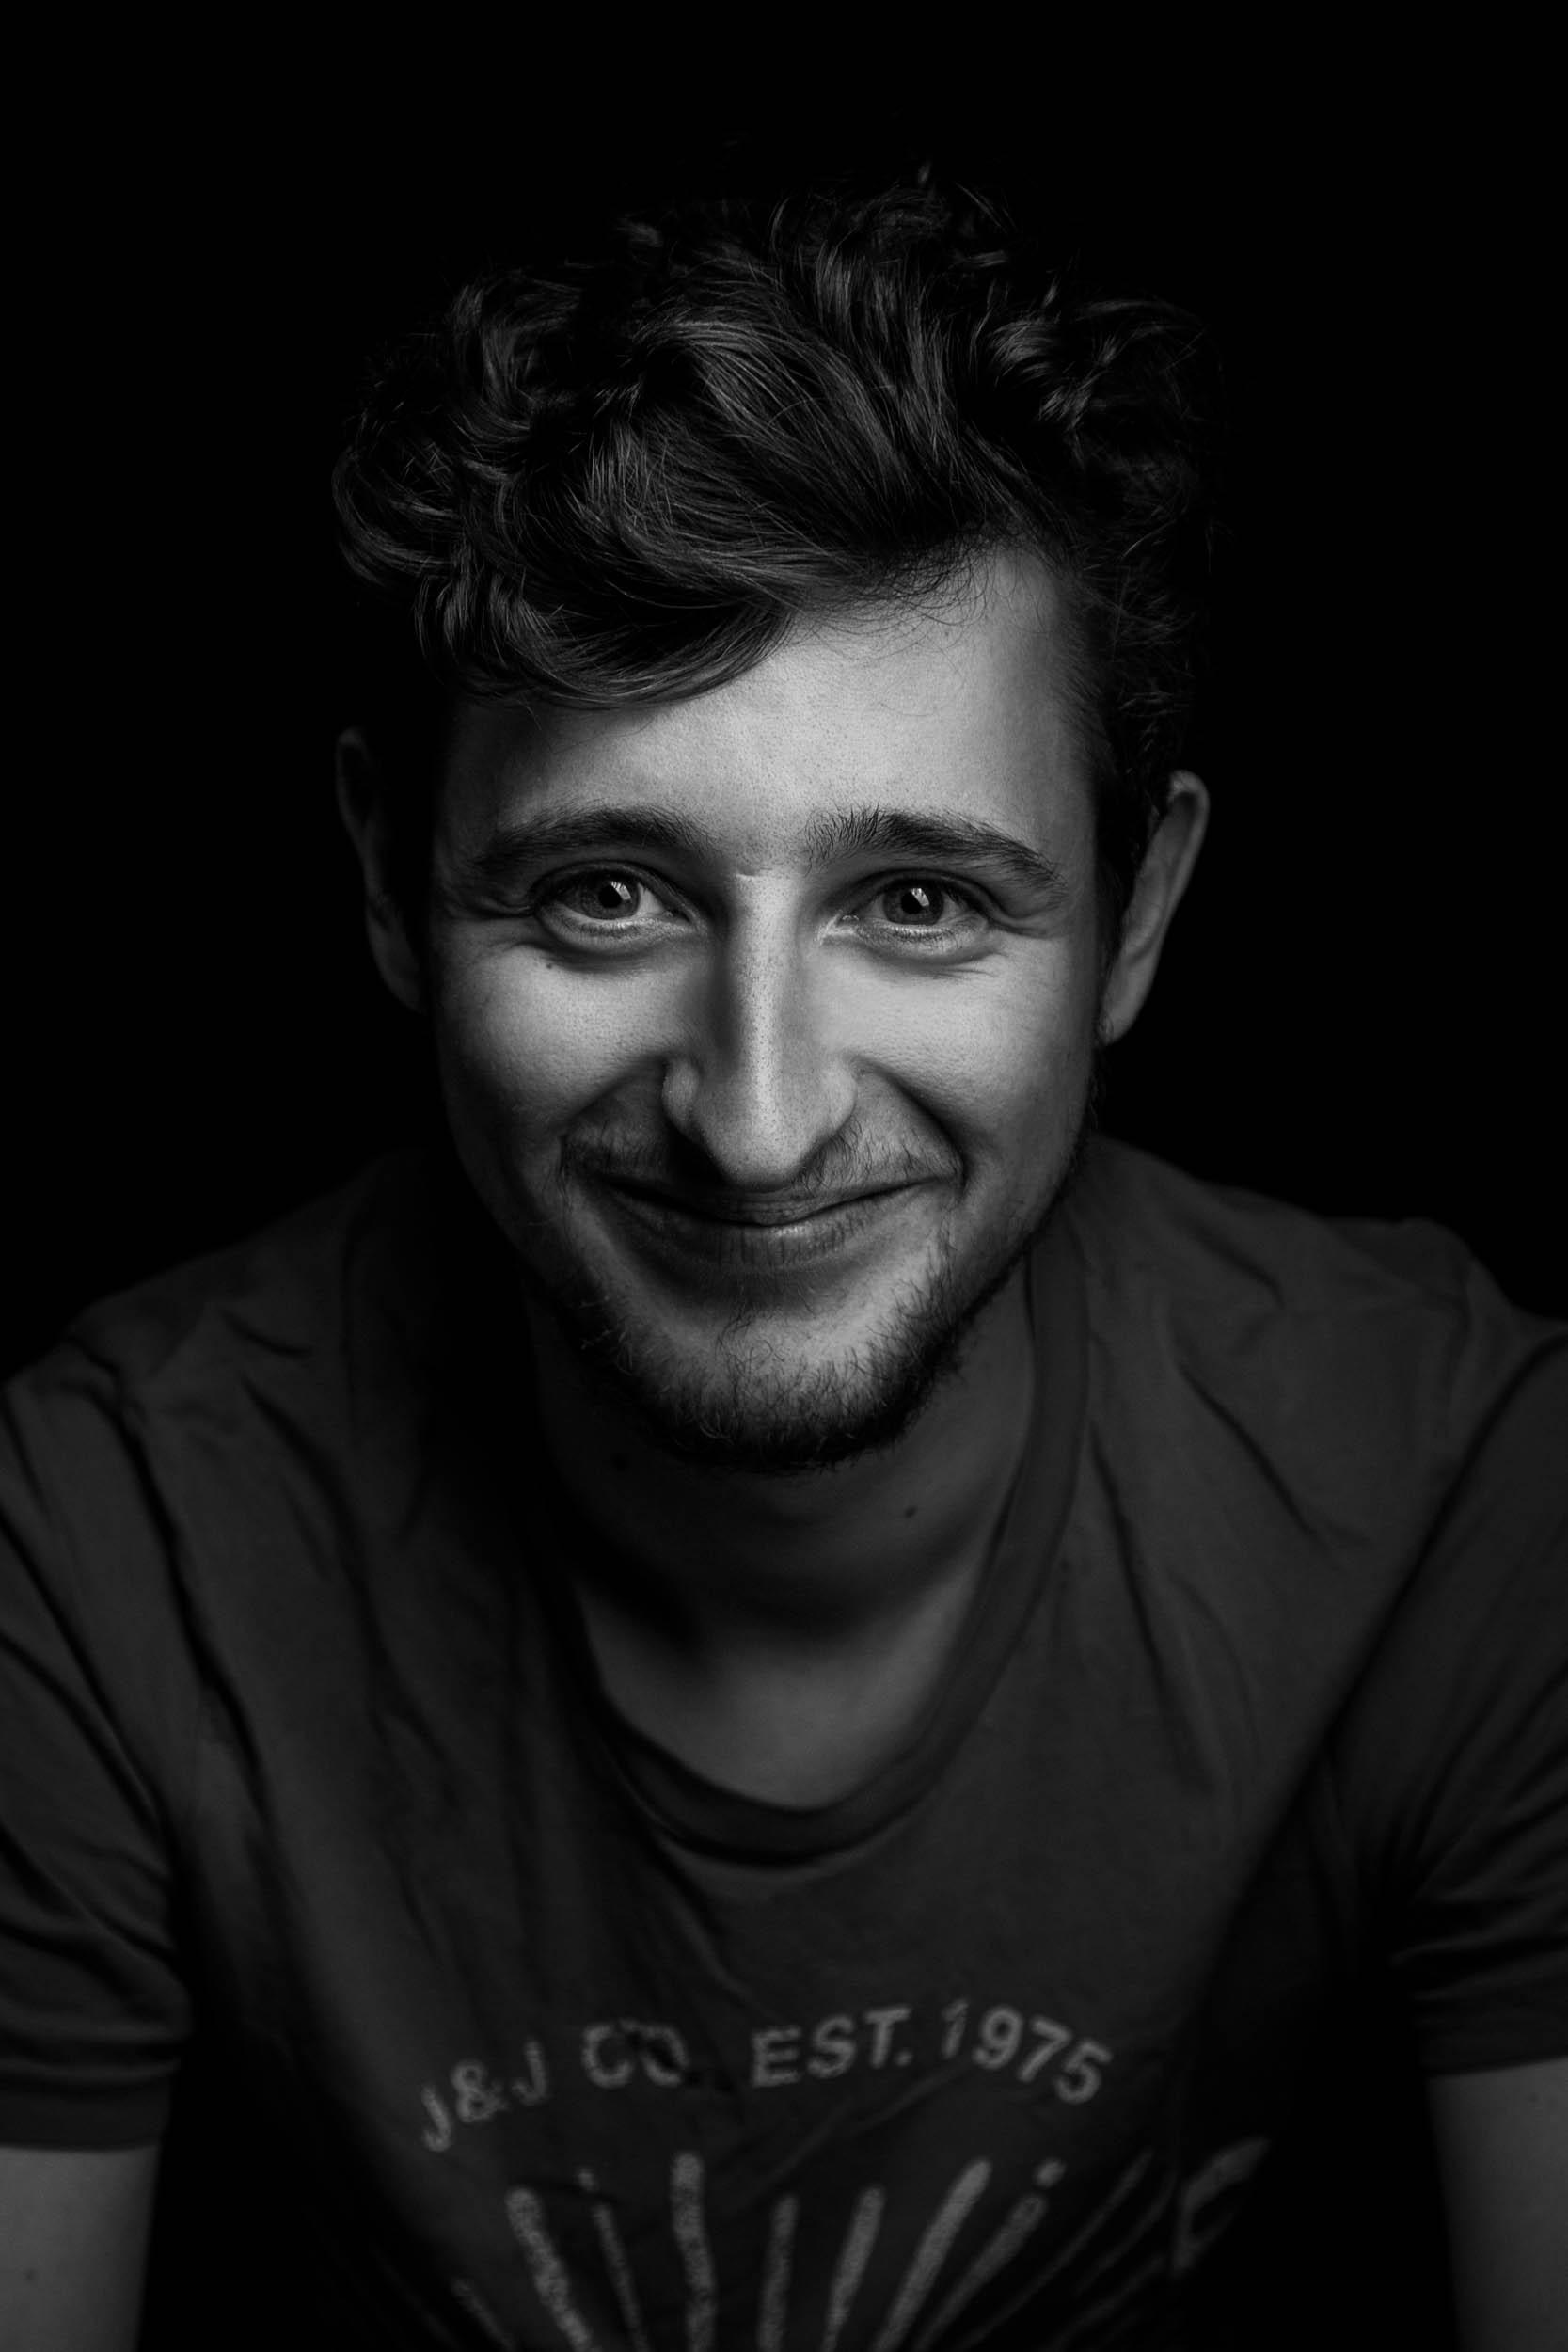 Schauspieler Fotoshooting Berlin Köpenick